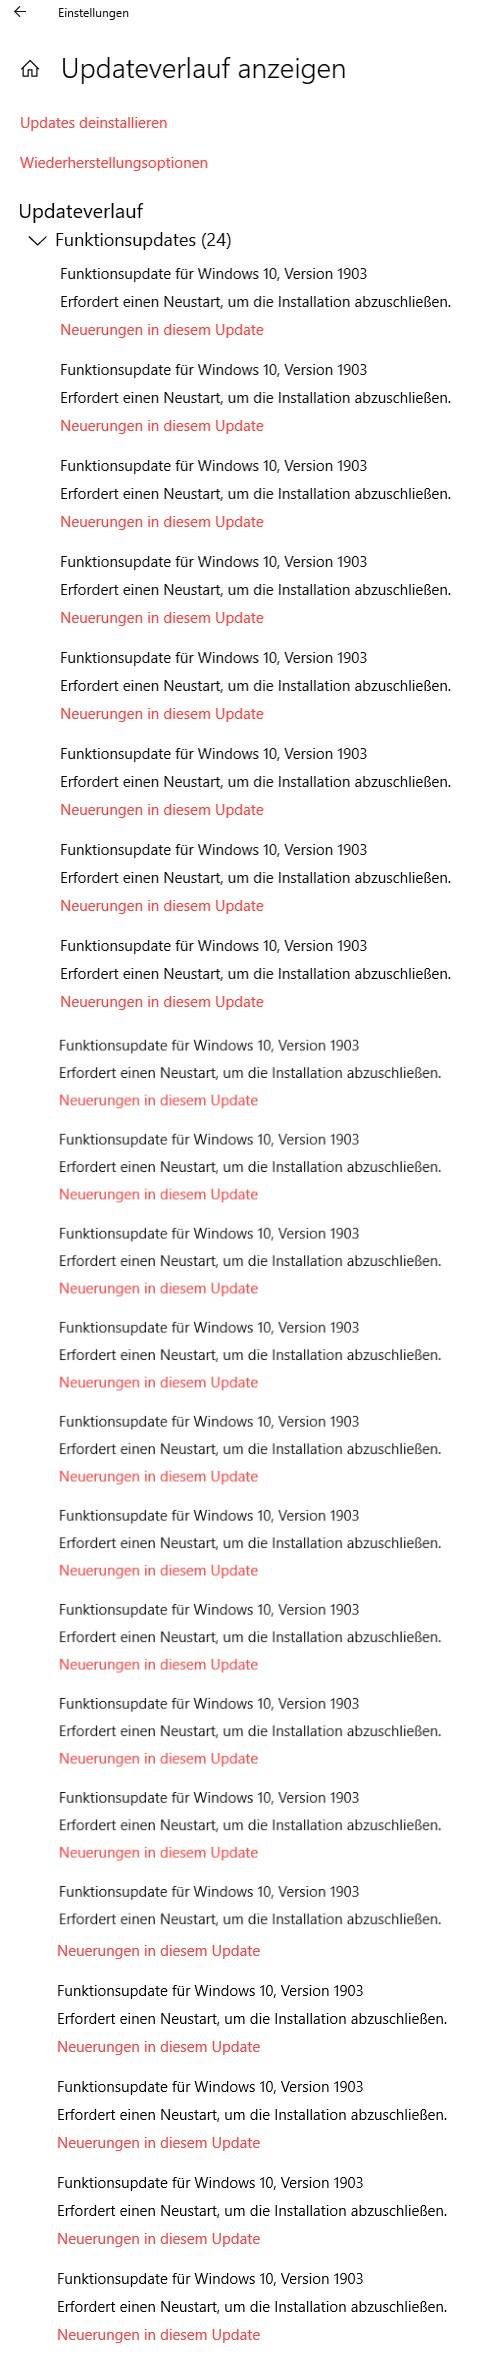 Funktionsupdate für Windows 10, Version 1903 Wie oft muss ich neustarten?